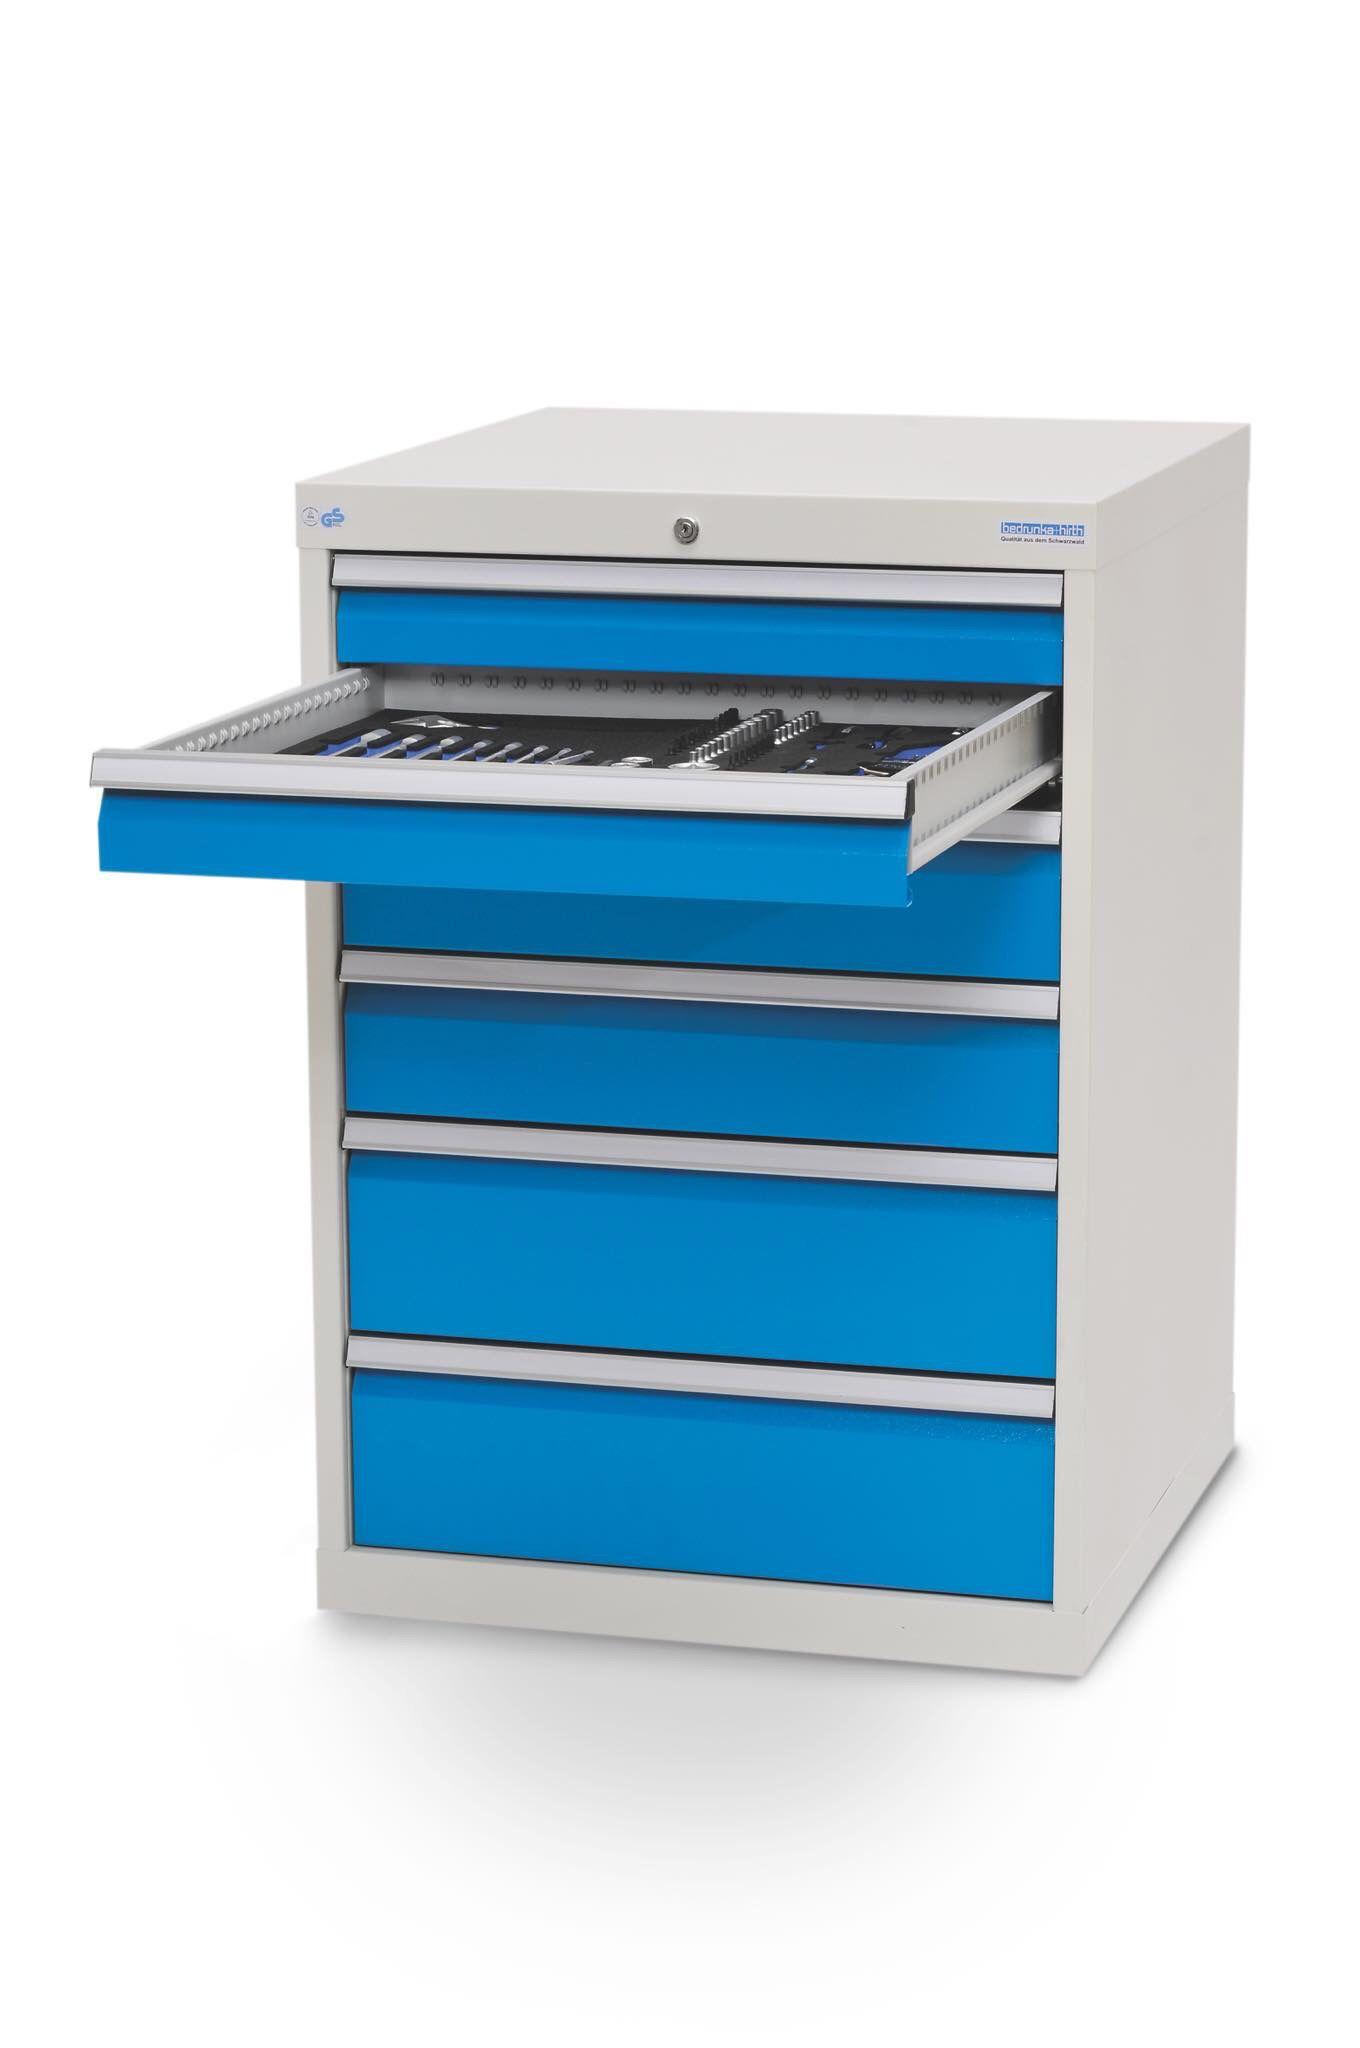 Buy The Absolute Best In Tool Storage Premium Steel Drawer